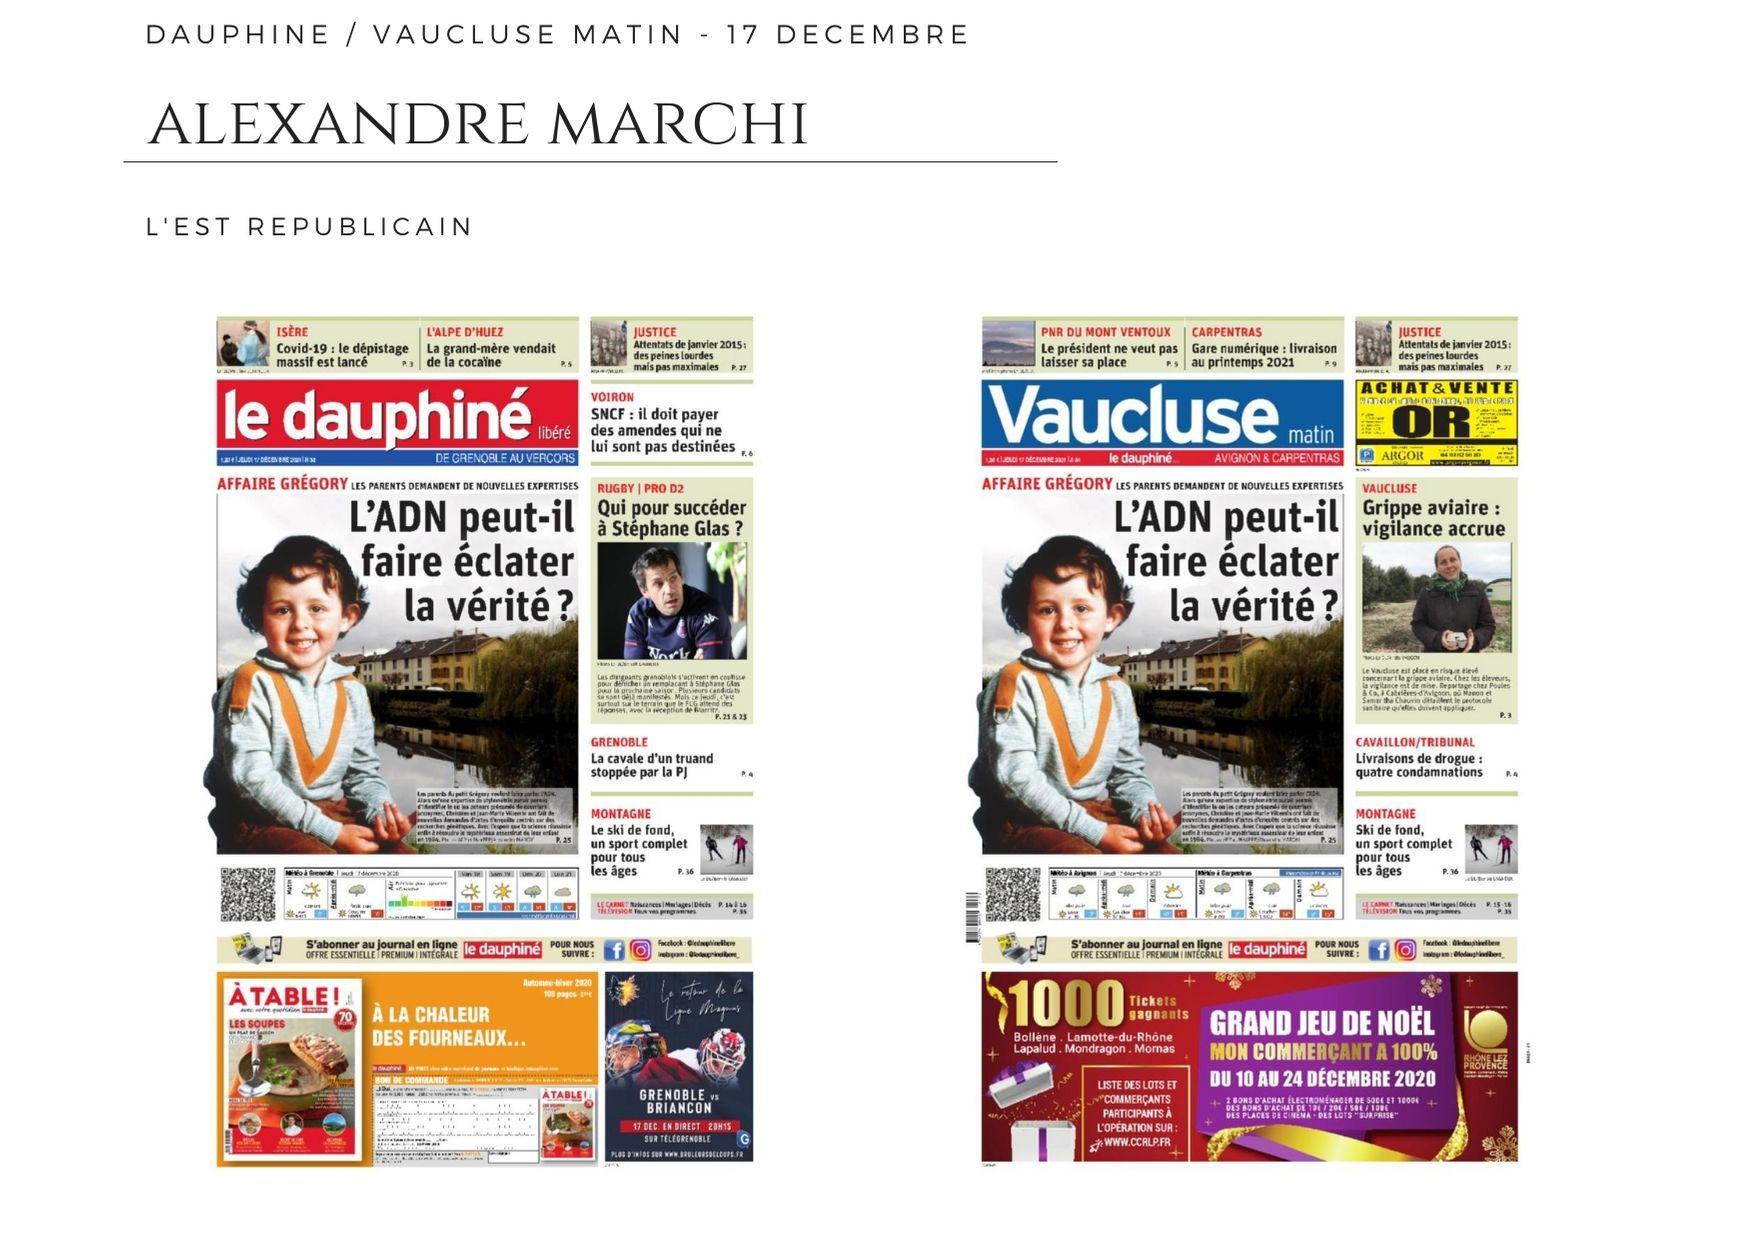 Le Dauphiné Libéré - Vaucluse Matin - 17 décembre 2020